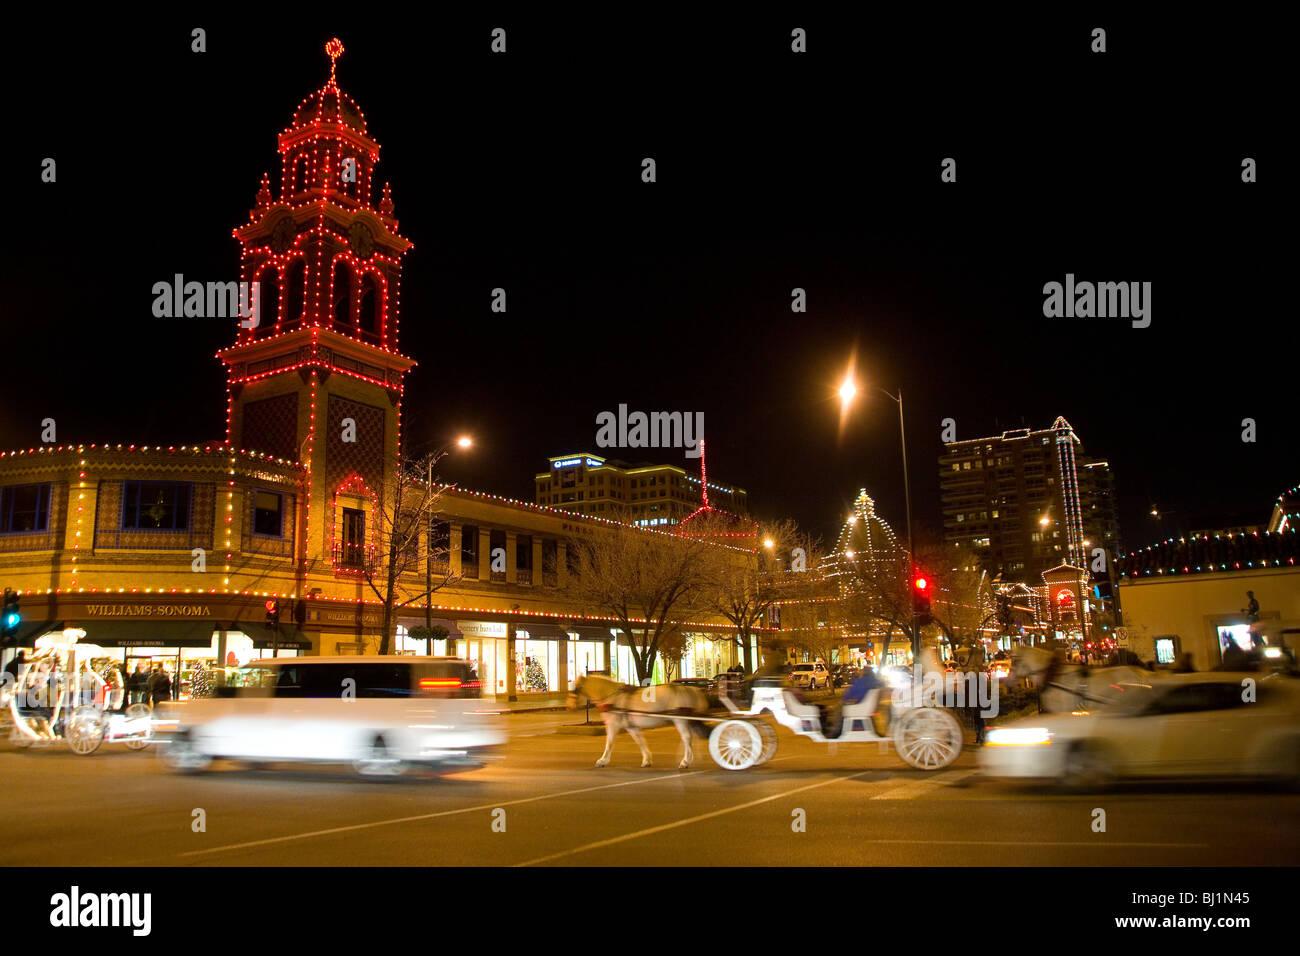 El Country Club Plaza Las luces de Navidad en Kansas City, Missouri Imagen De Stock